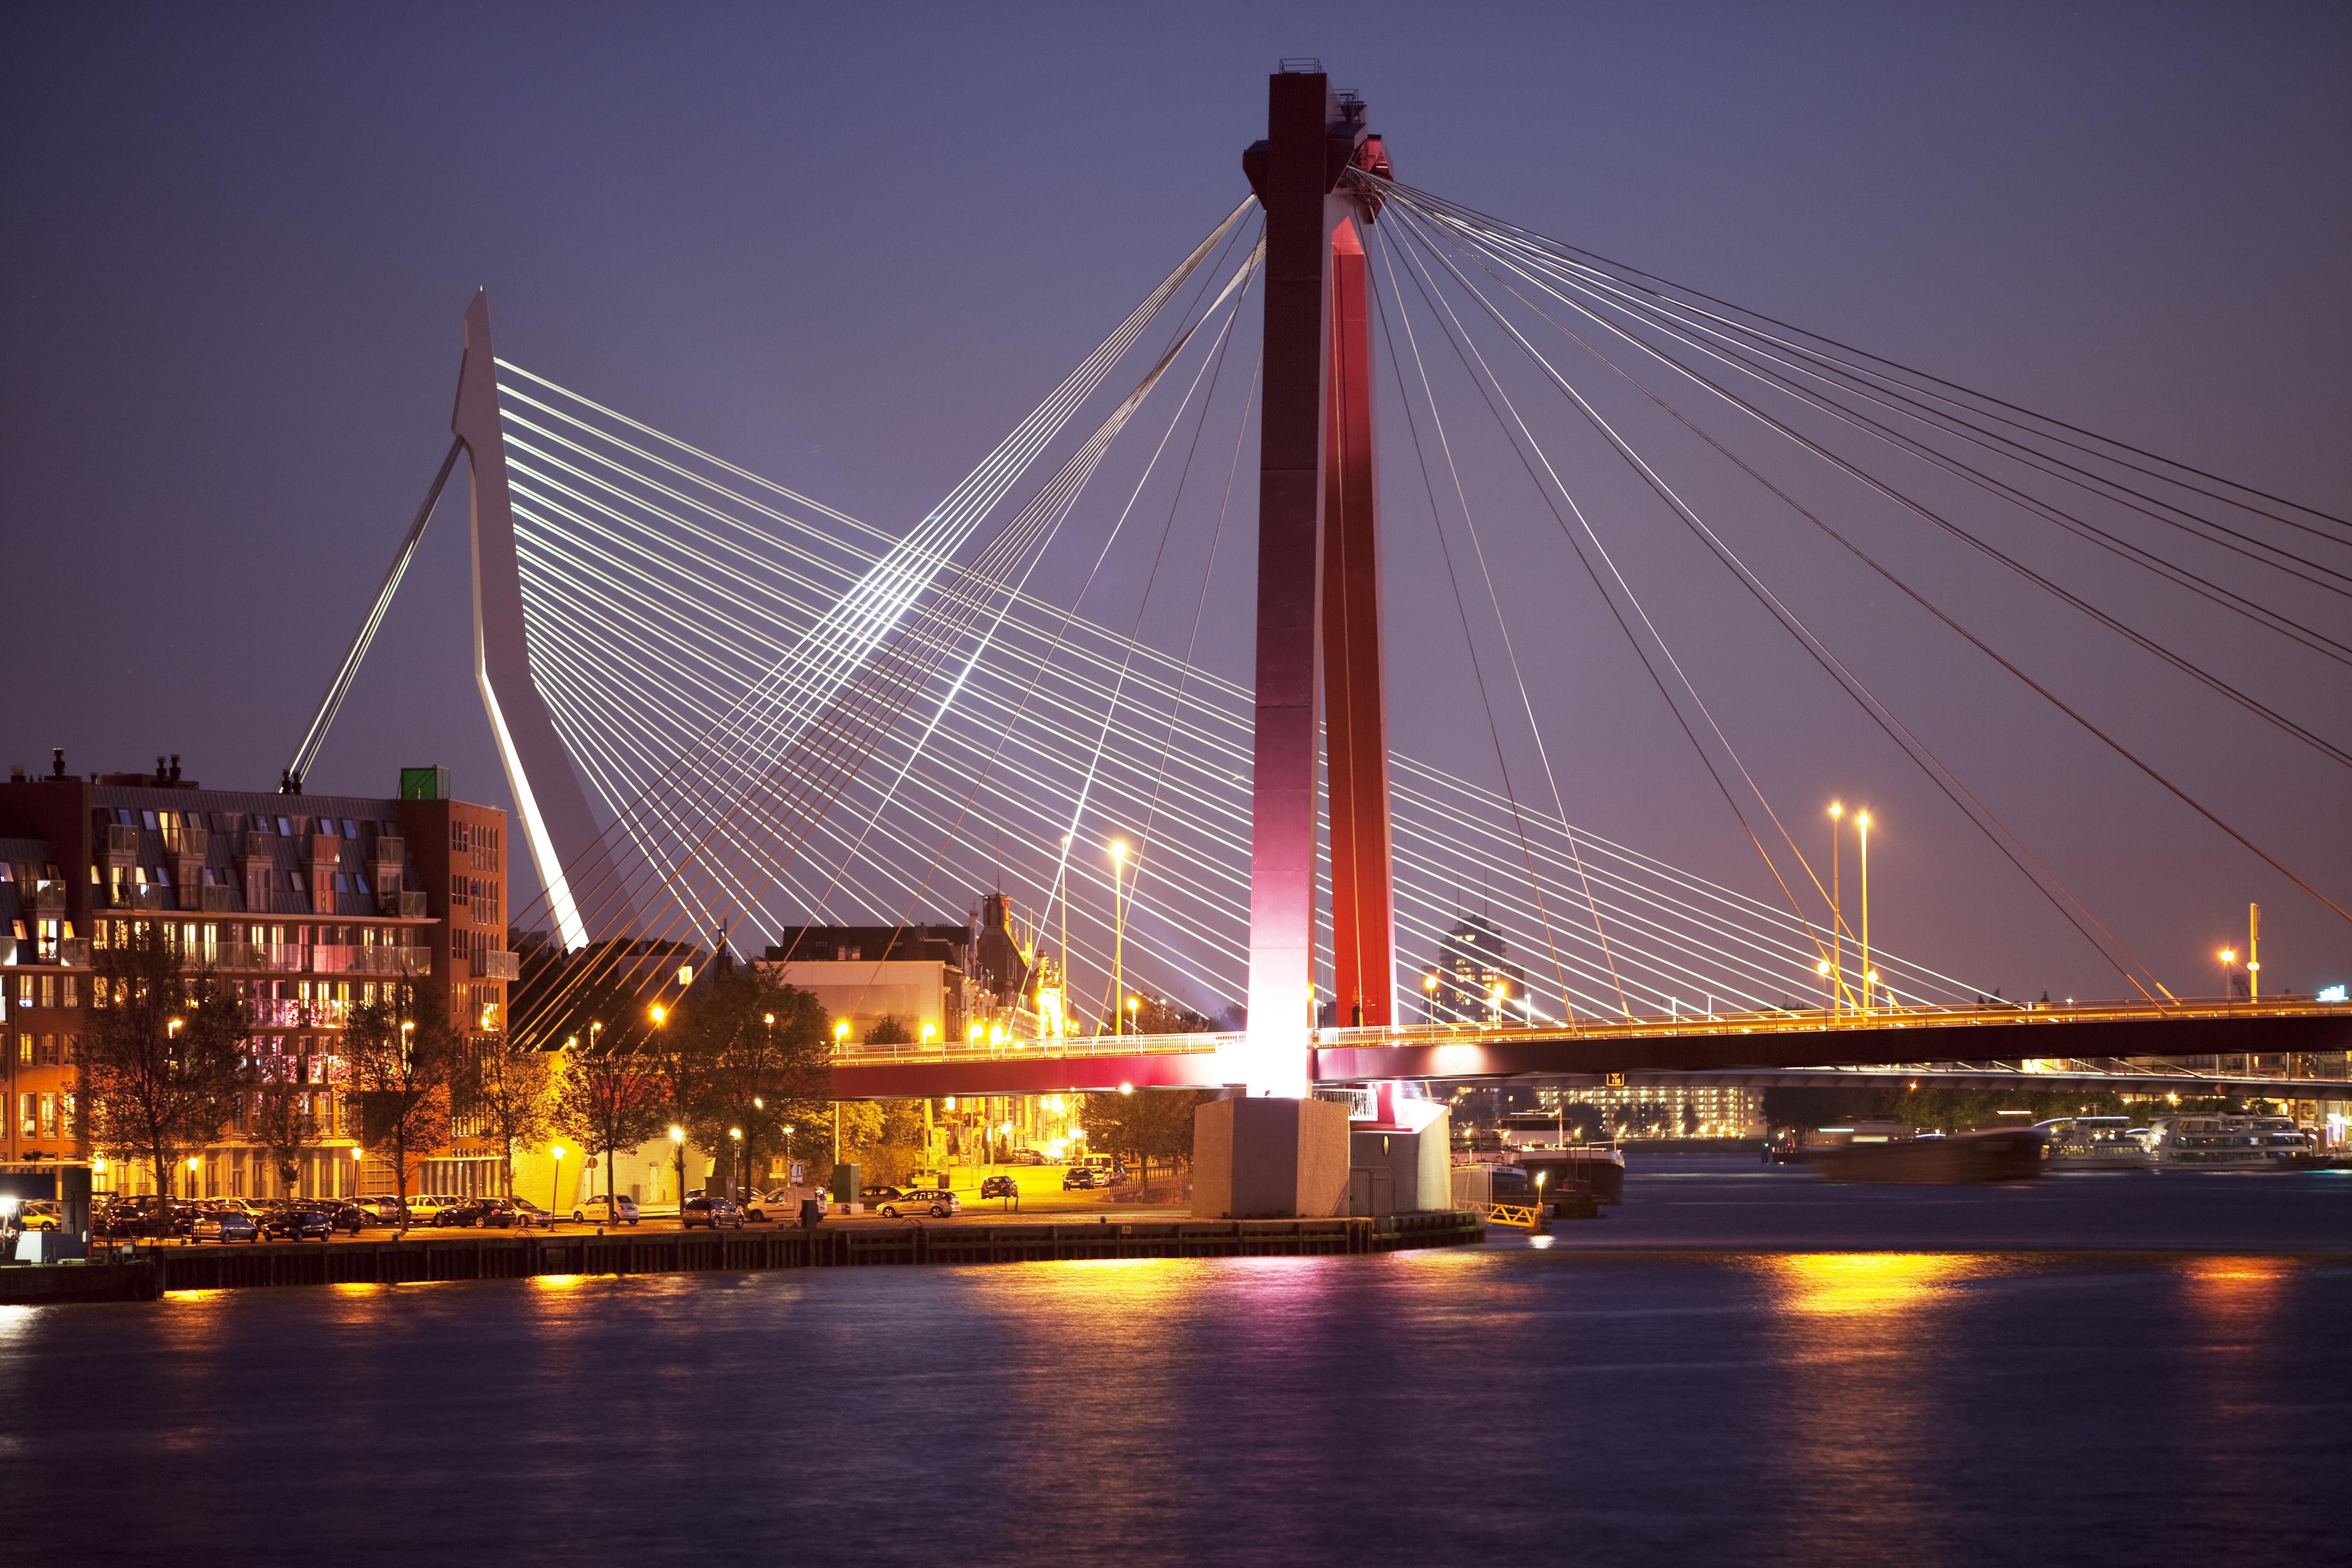 Amsterdam en Rotterdam gaan dimmen | Federatie Ruimtelijke Kwaliteit